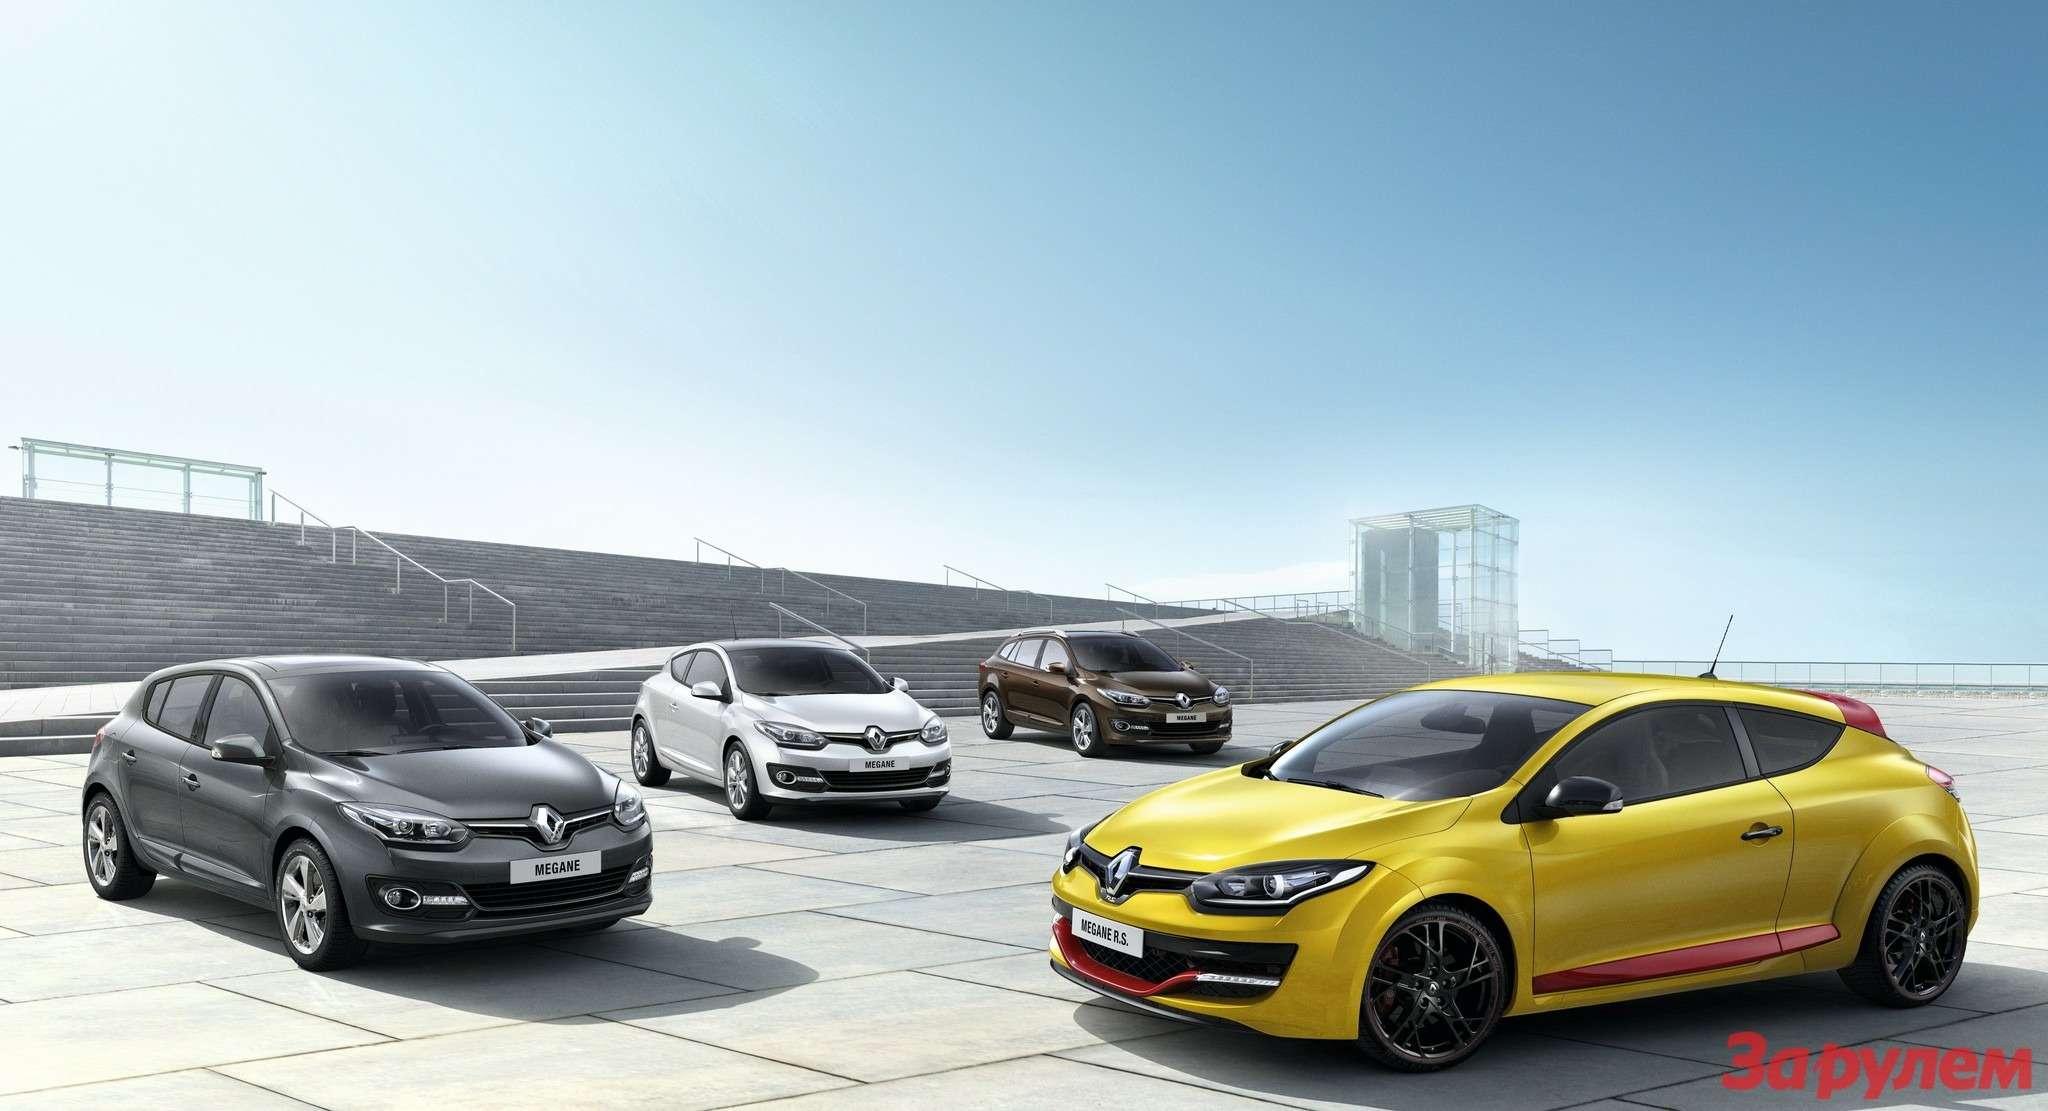 Обновленное семейство Renault Megane